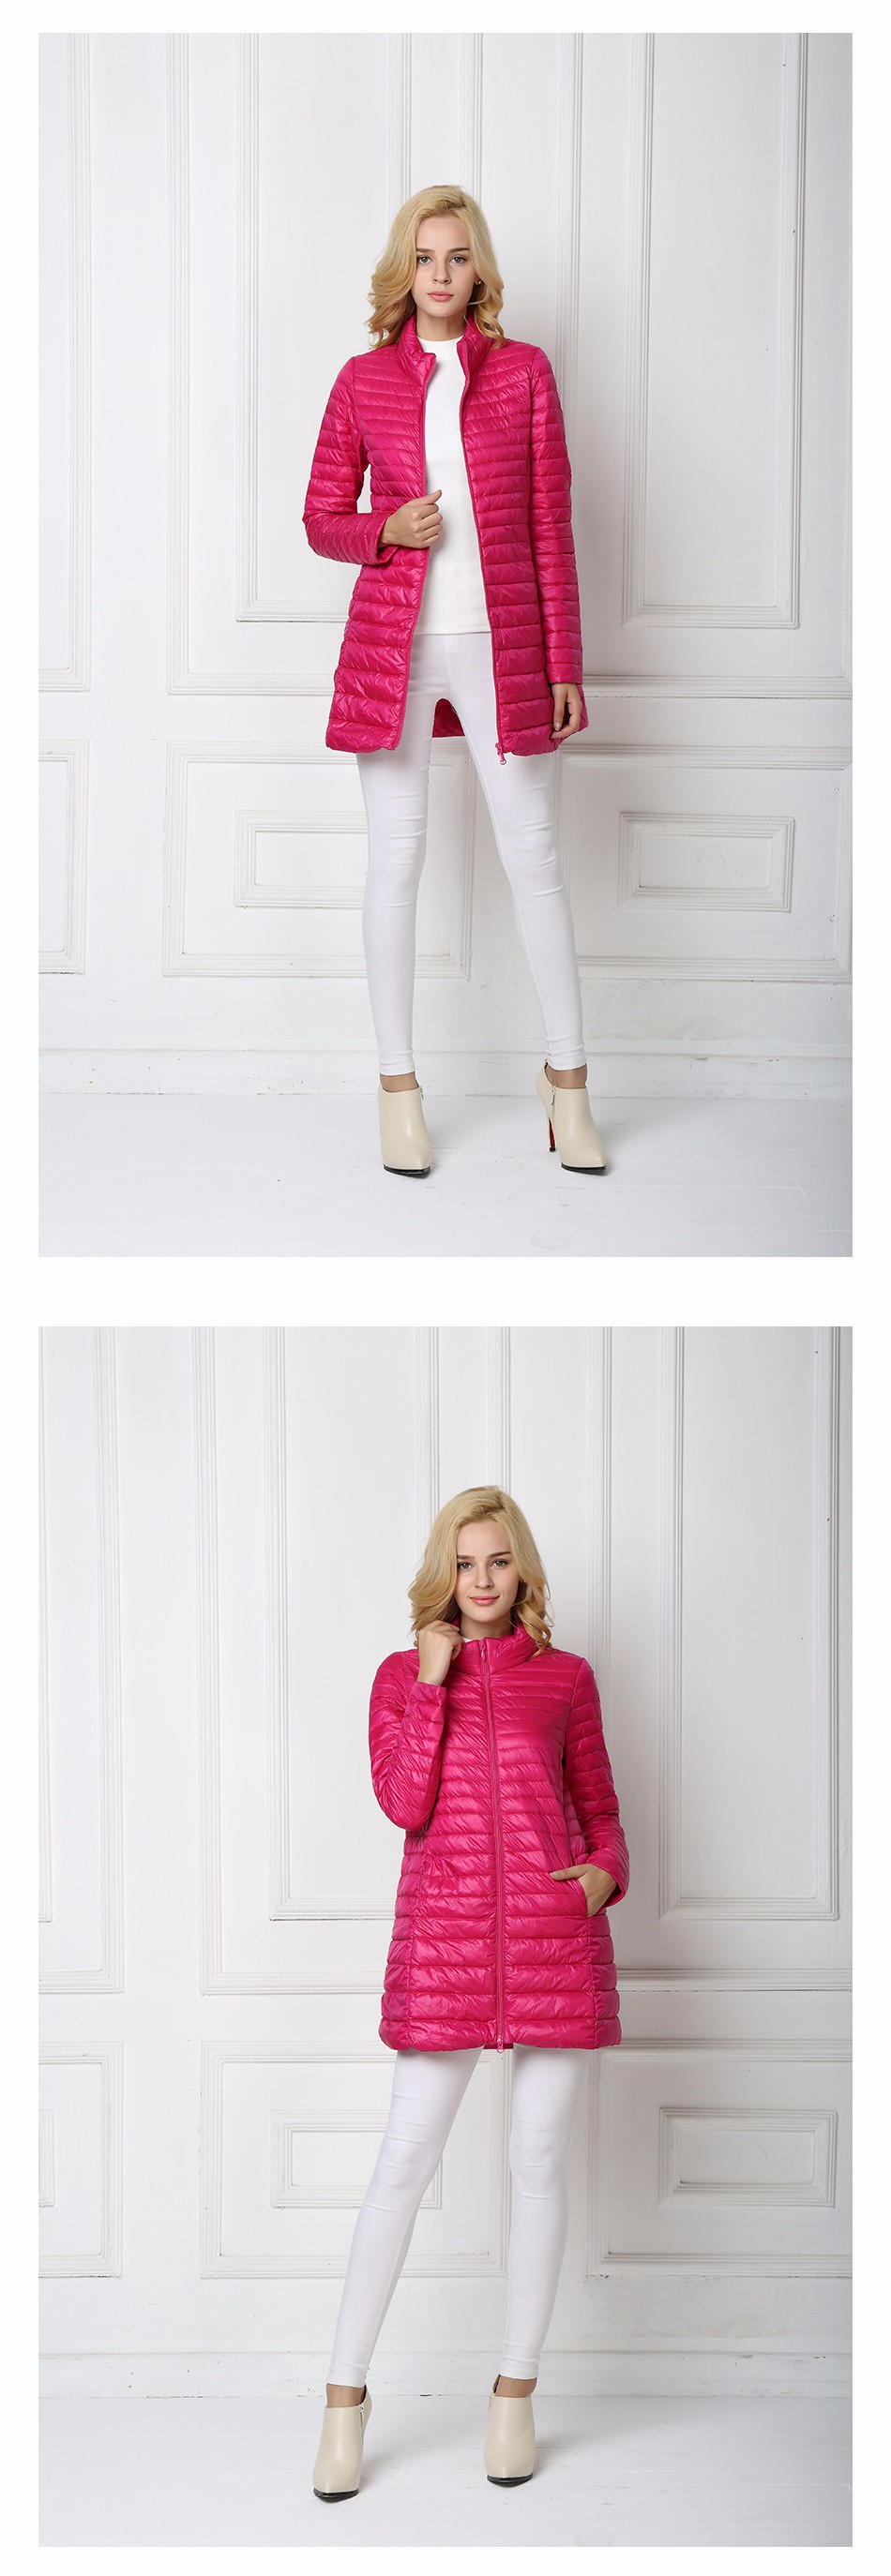 Скидки на T-INSIDE 2016 Зима Женщины Длинные Пуховики Мода Ultra Light Белый 90% Утка Вниз Пальто С Капюшоном Вниз Парки Для Женщин Плюс Размер